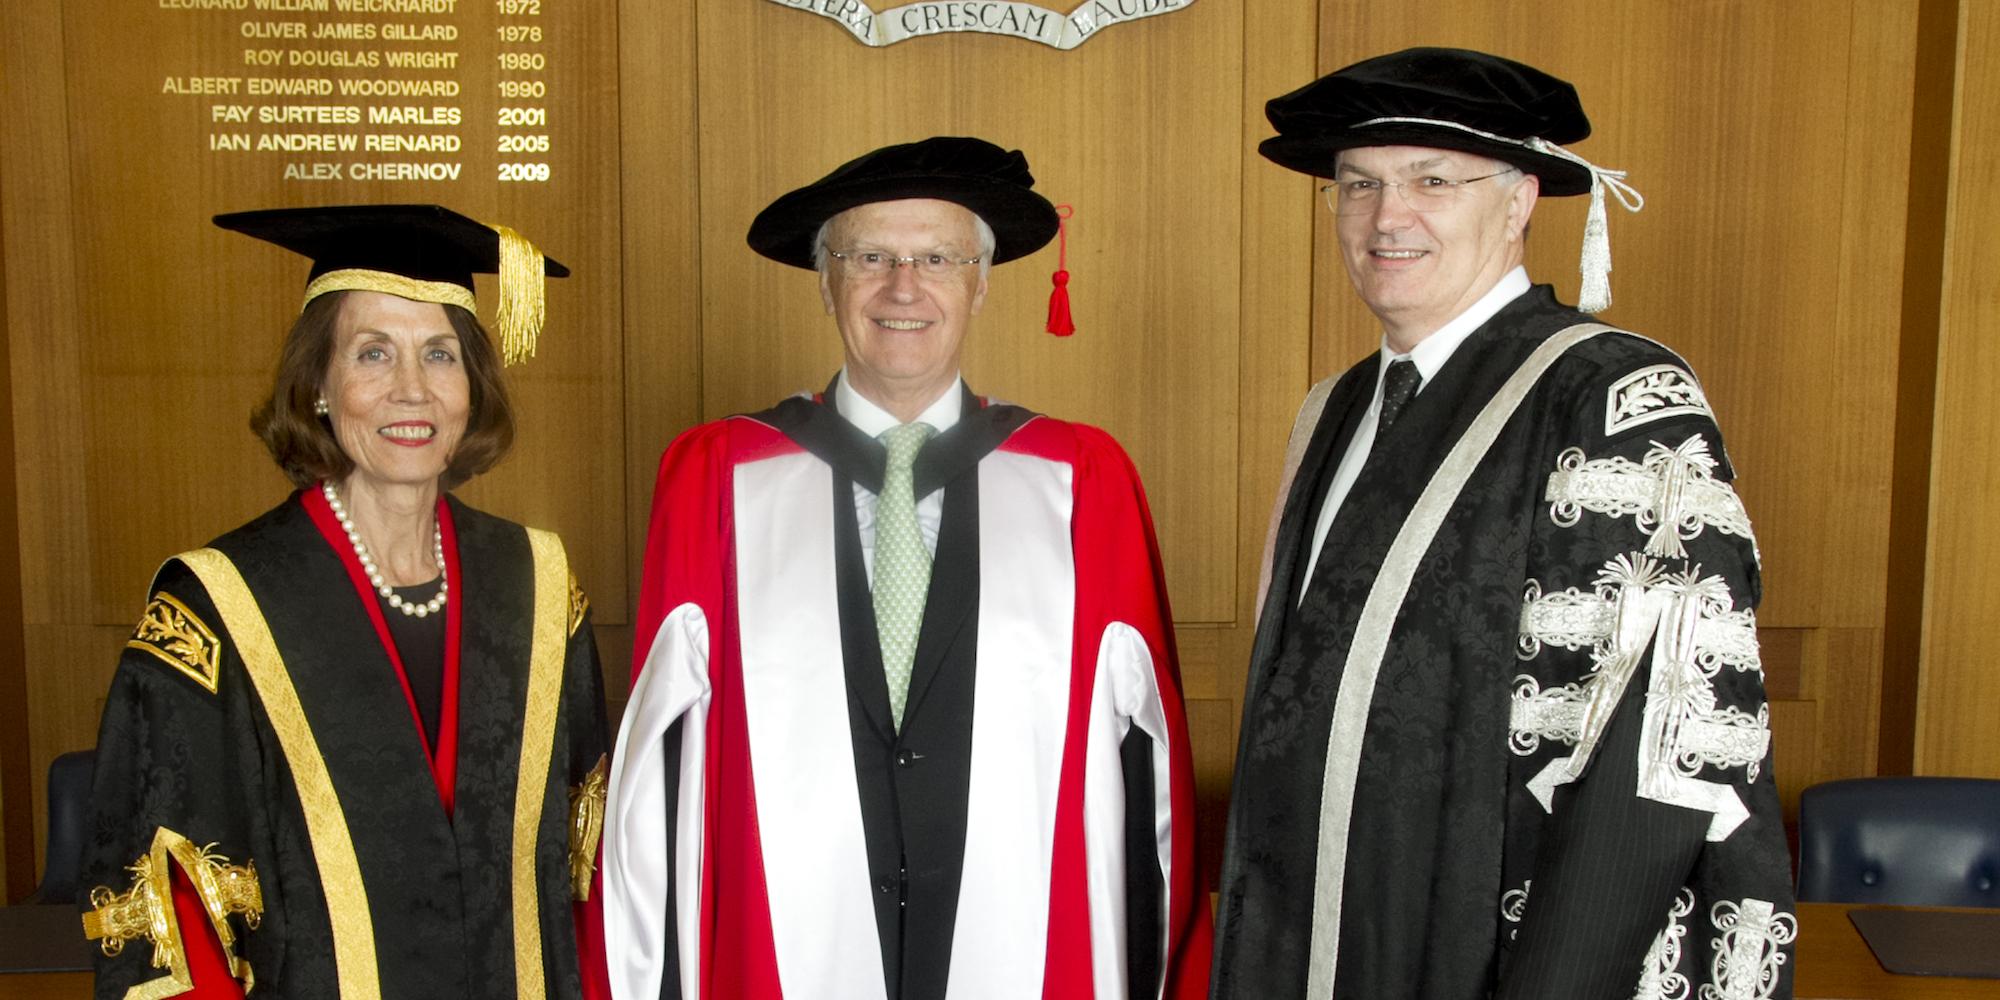 Elizabeth A Alexander AM, Chancellor The Hon. Alex Chernov AC QC and Professor Glyn Davis AC